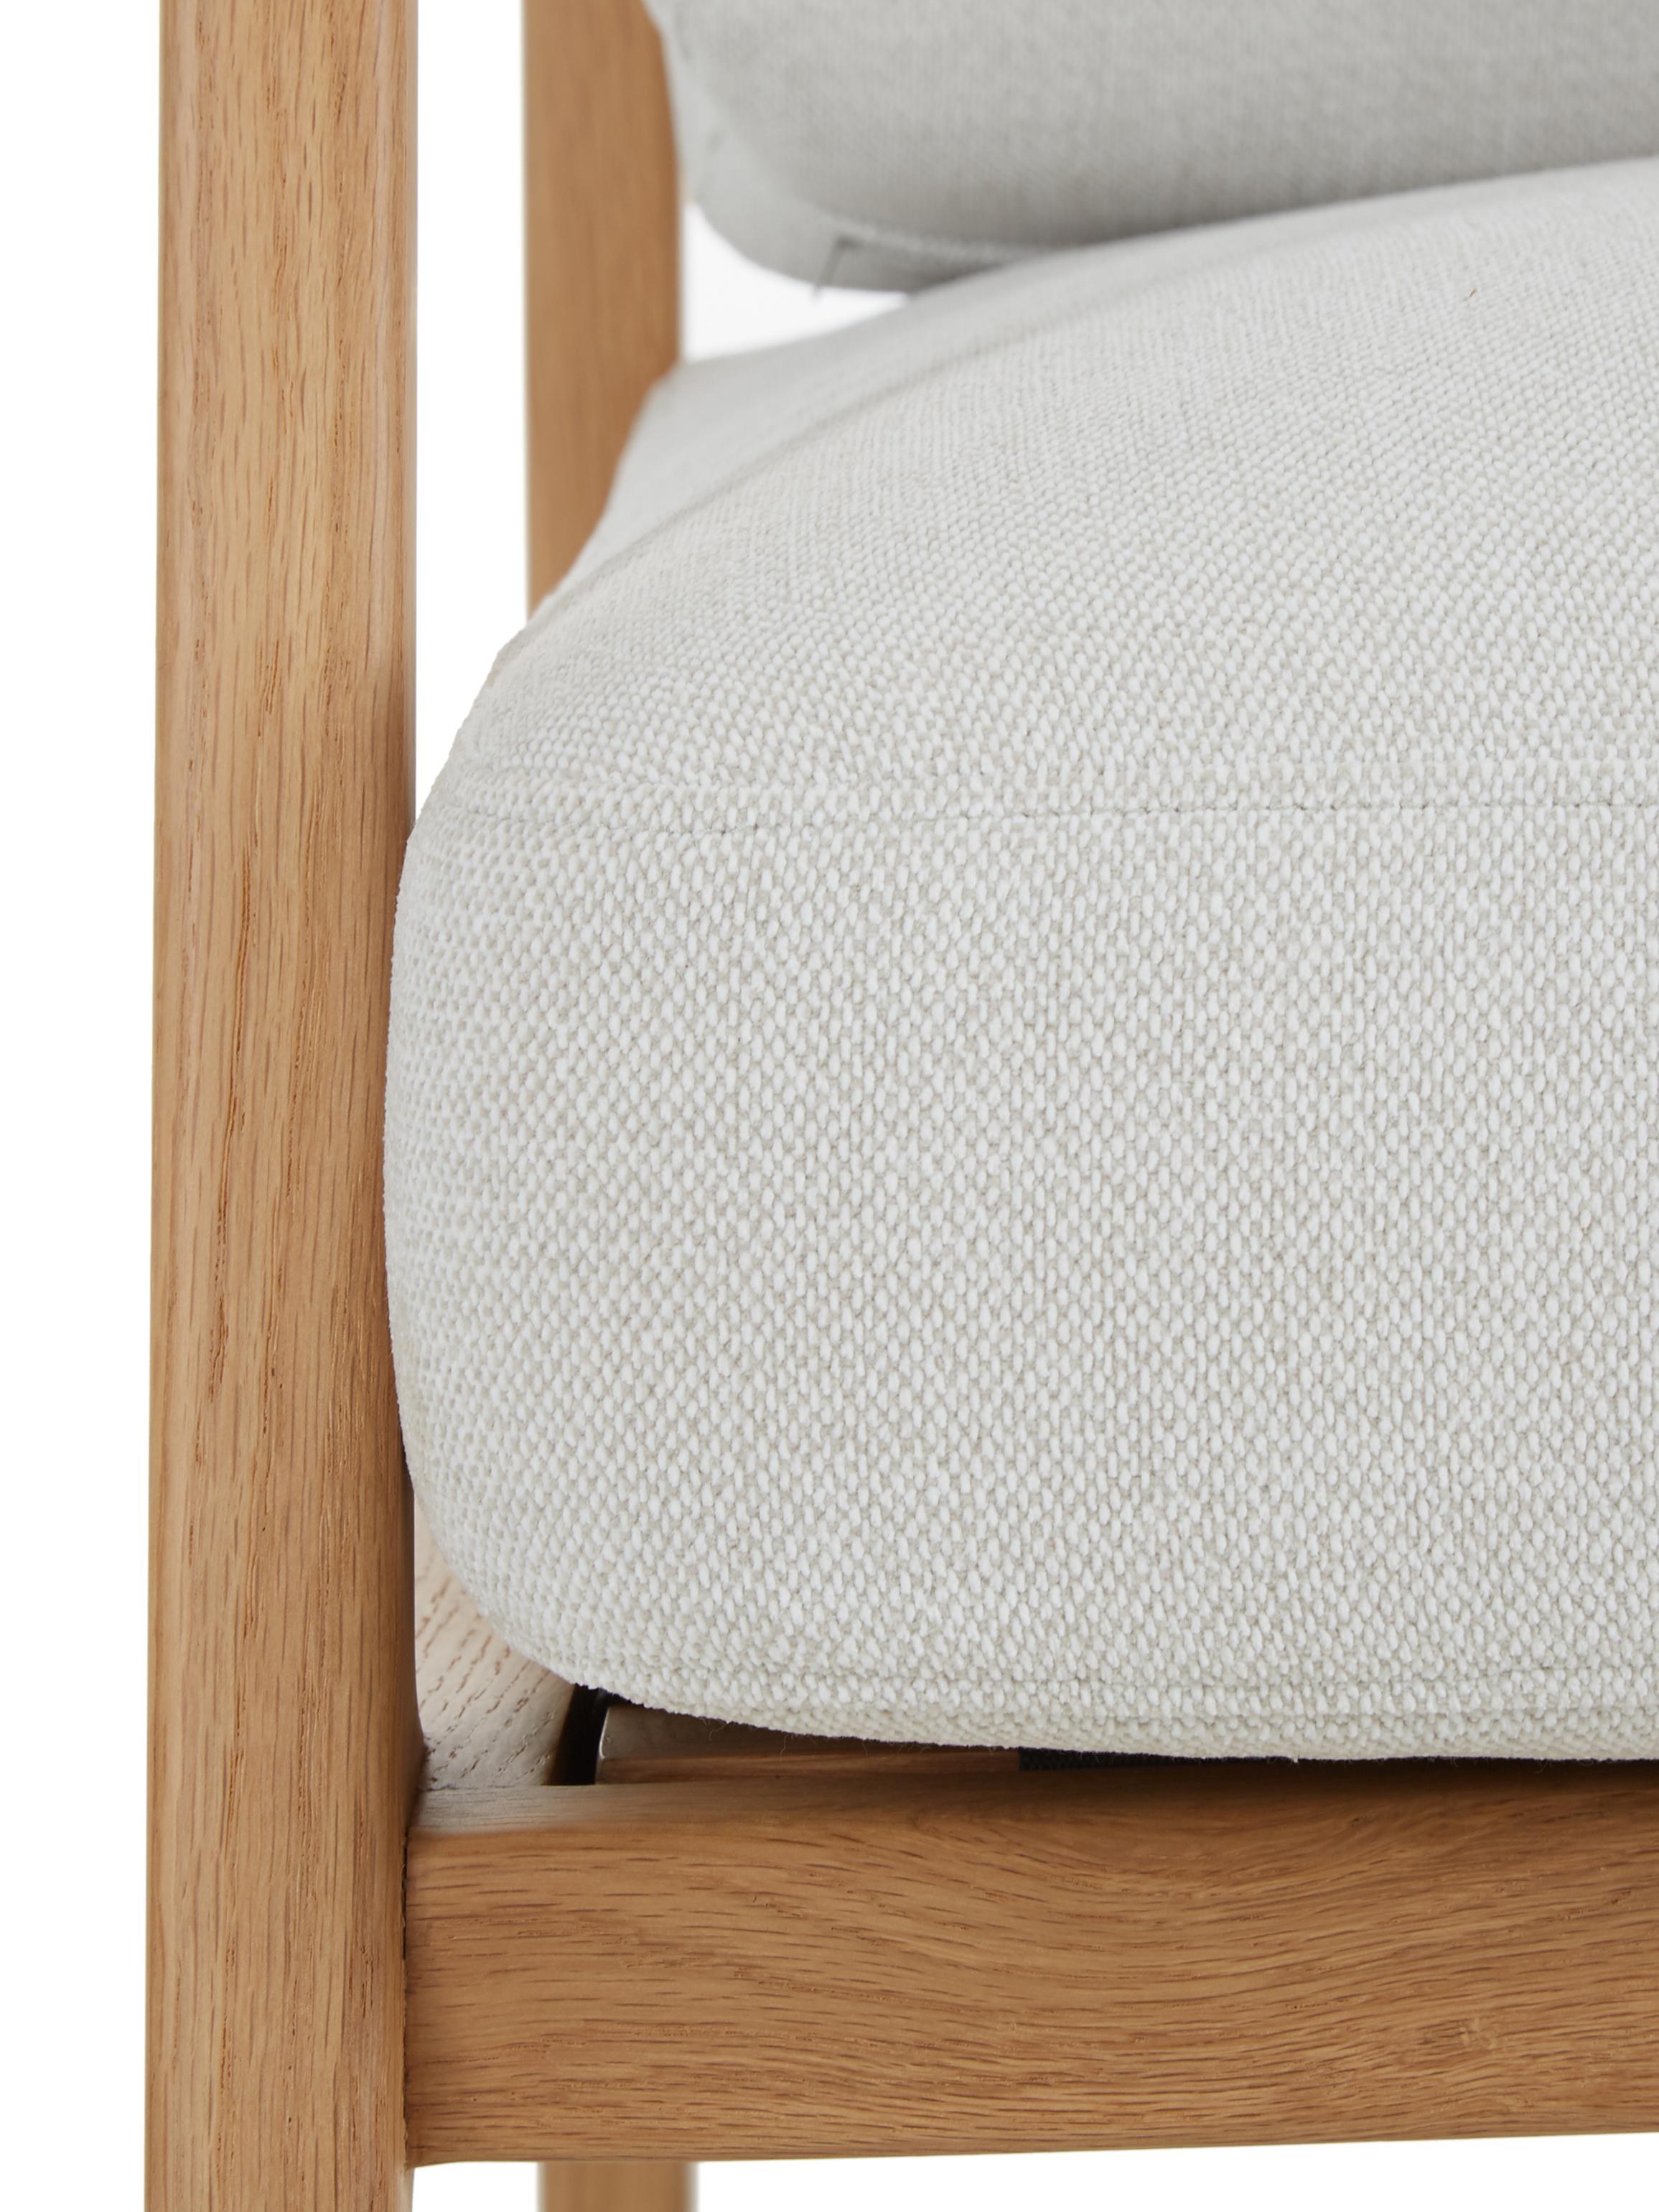 Sedia a poltrona con braccioli in legno di quercia Becky, Rivestimento: poliestere 35.000 cicli d, Struttura: legno massello di rovere, Tessuto intrecciato beige, legno di quercia, Larg. 73 x Prof. 90 cm